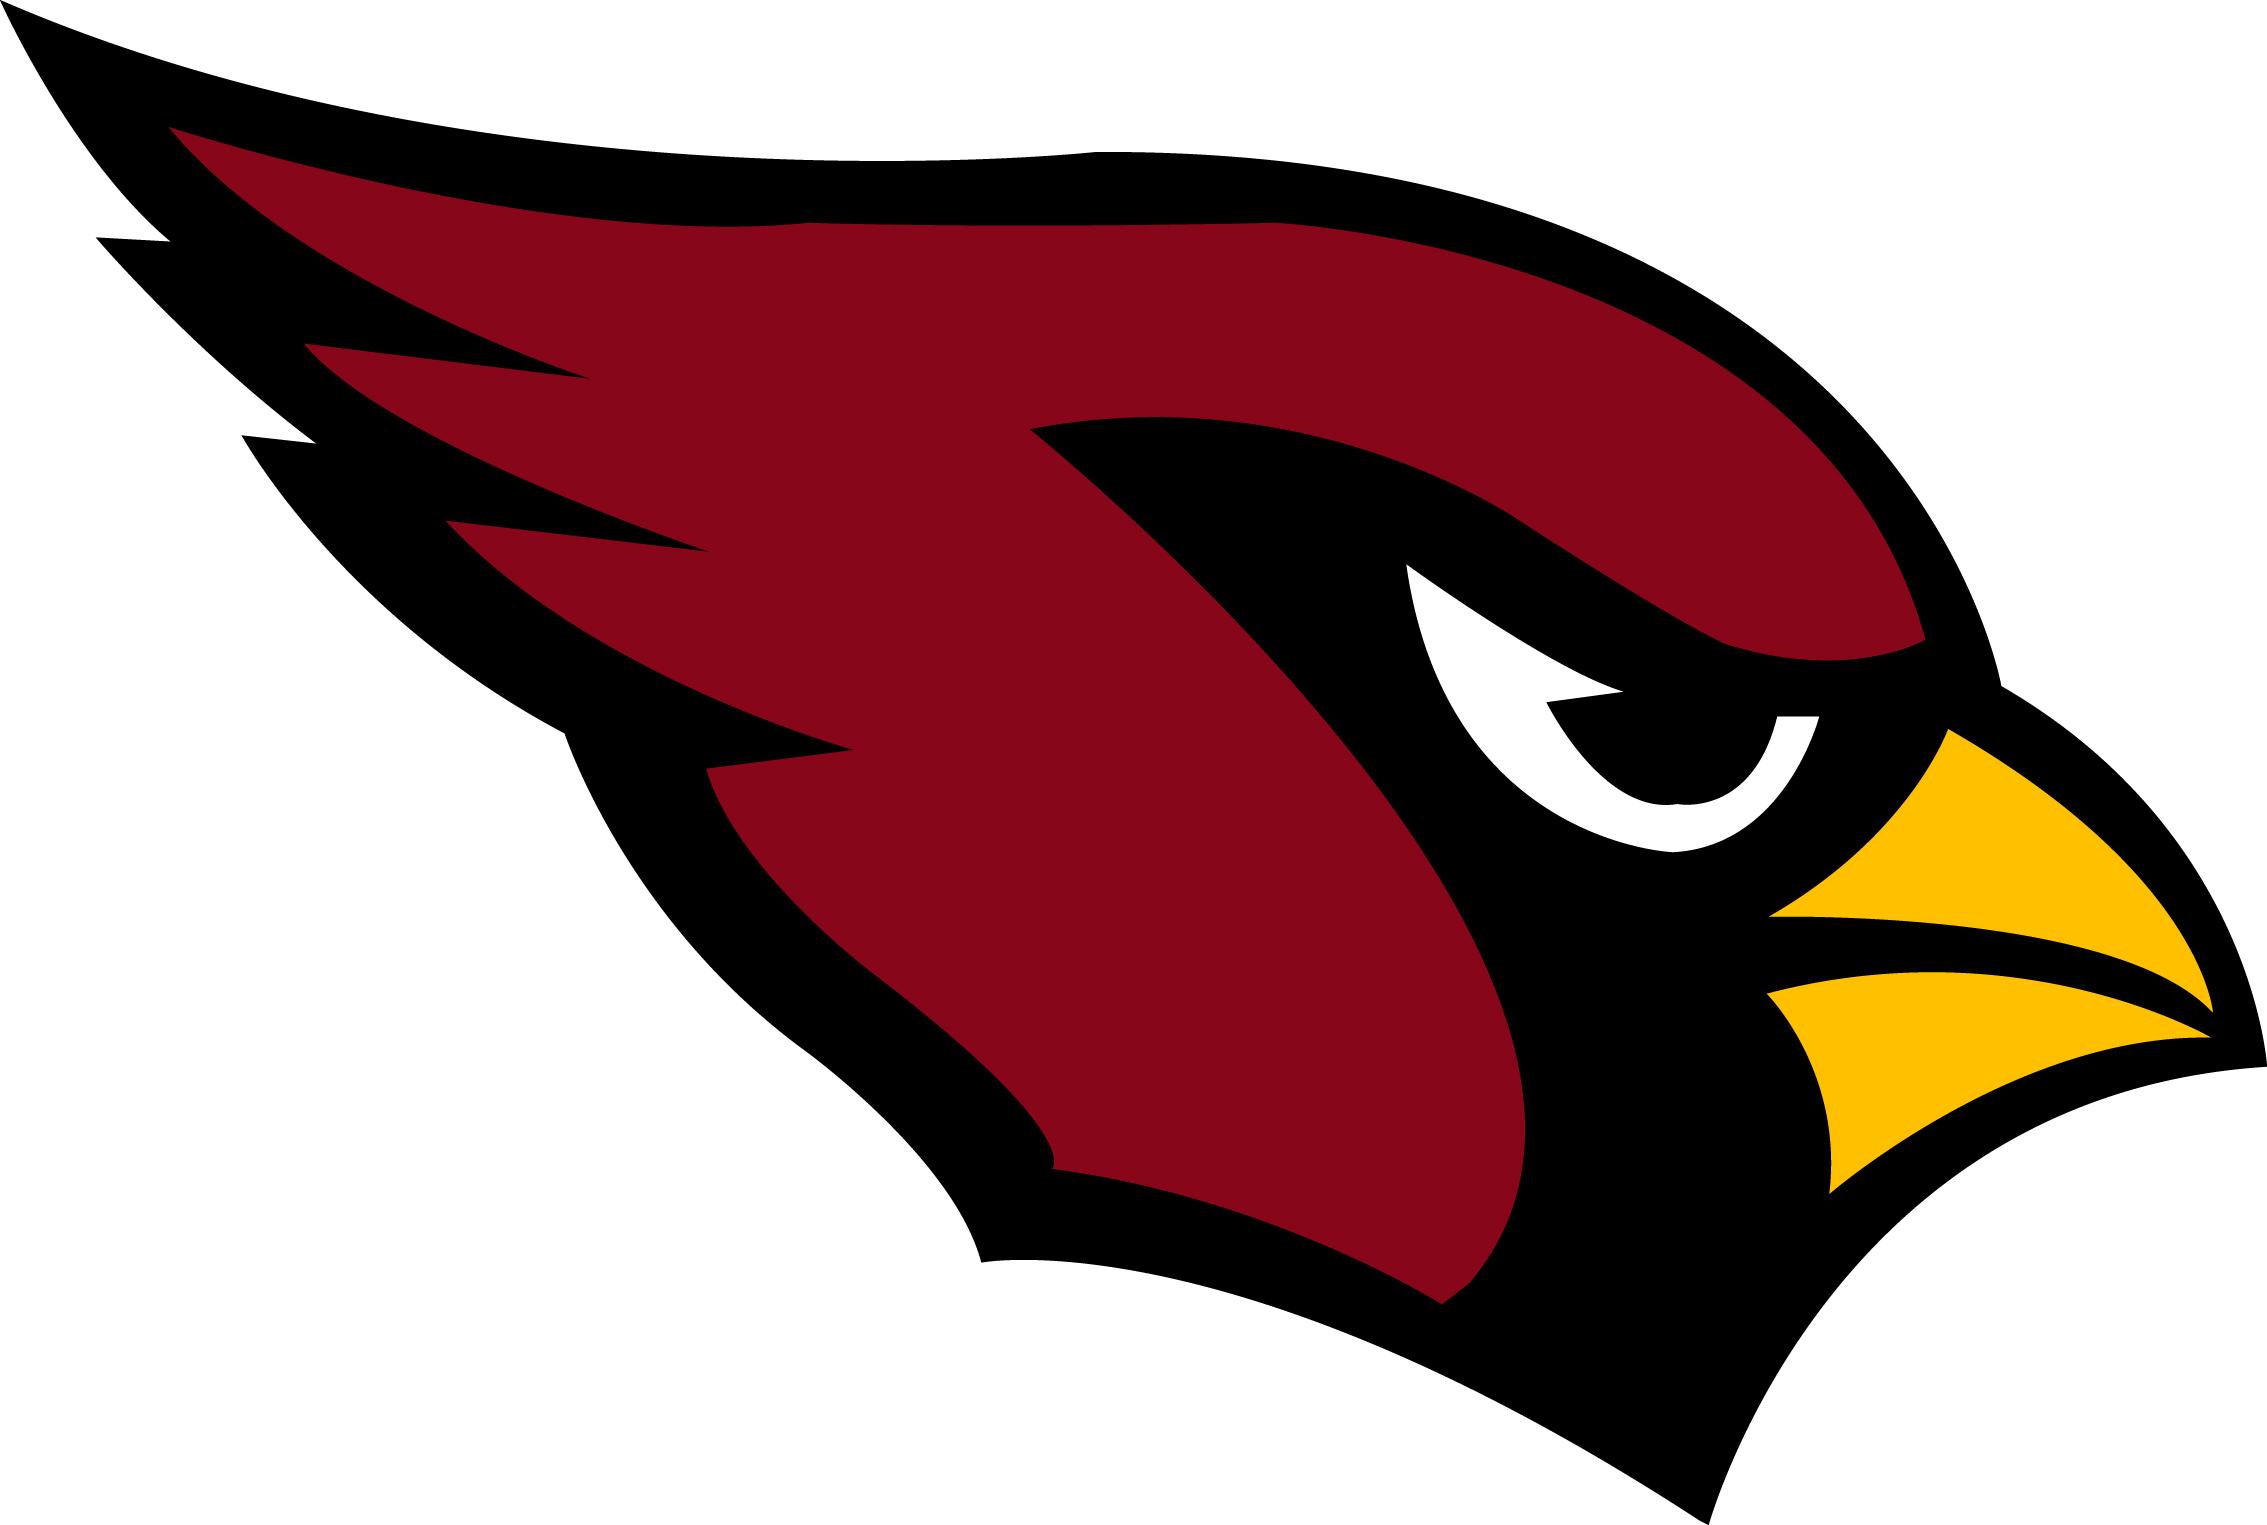 2267x1525 Clip Art Az Cardinals Logo Clip Art